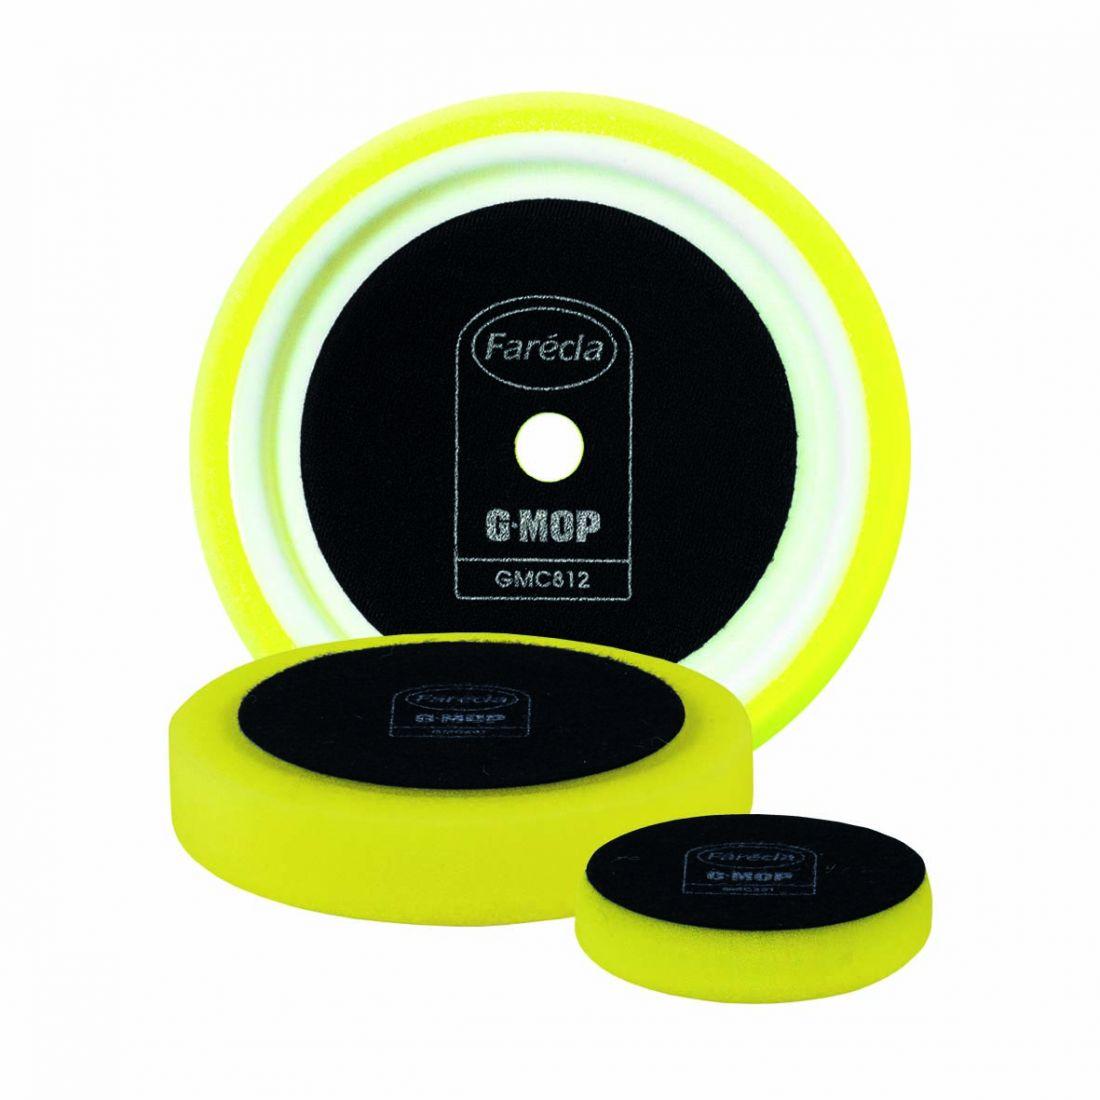 """FARECLA G Mop 3"""" Yellow Compounding Foams Полировальник жёлтый, средний, 80мм"""